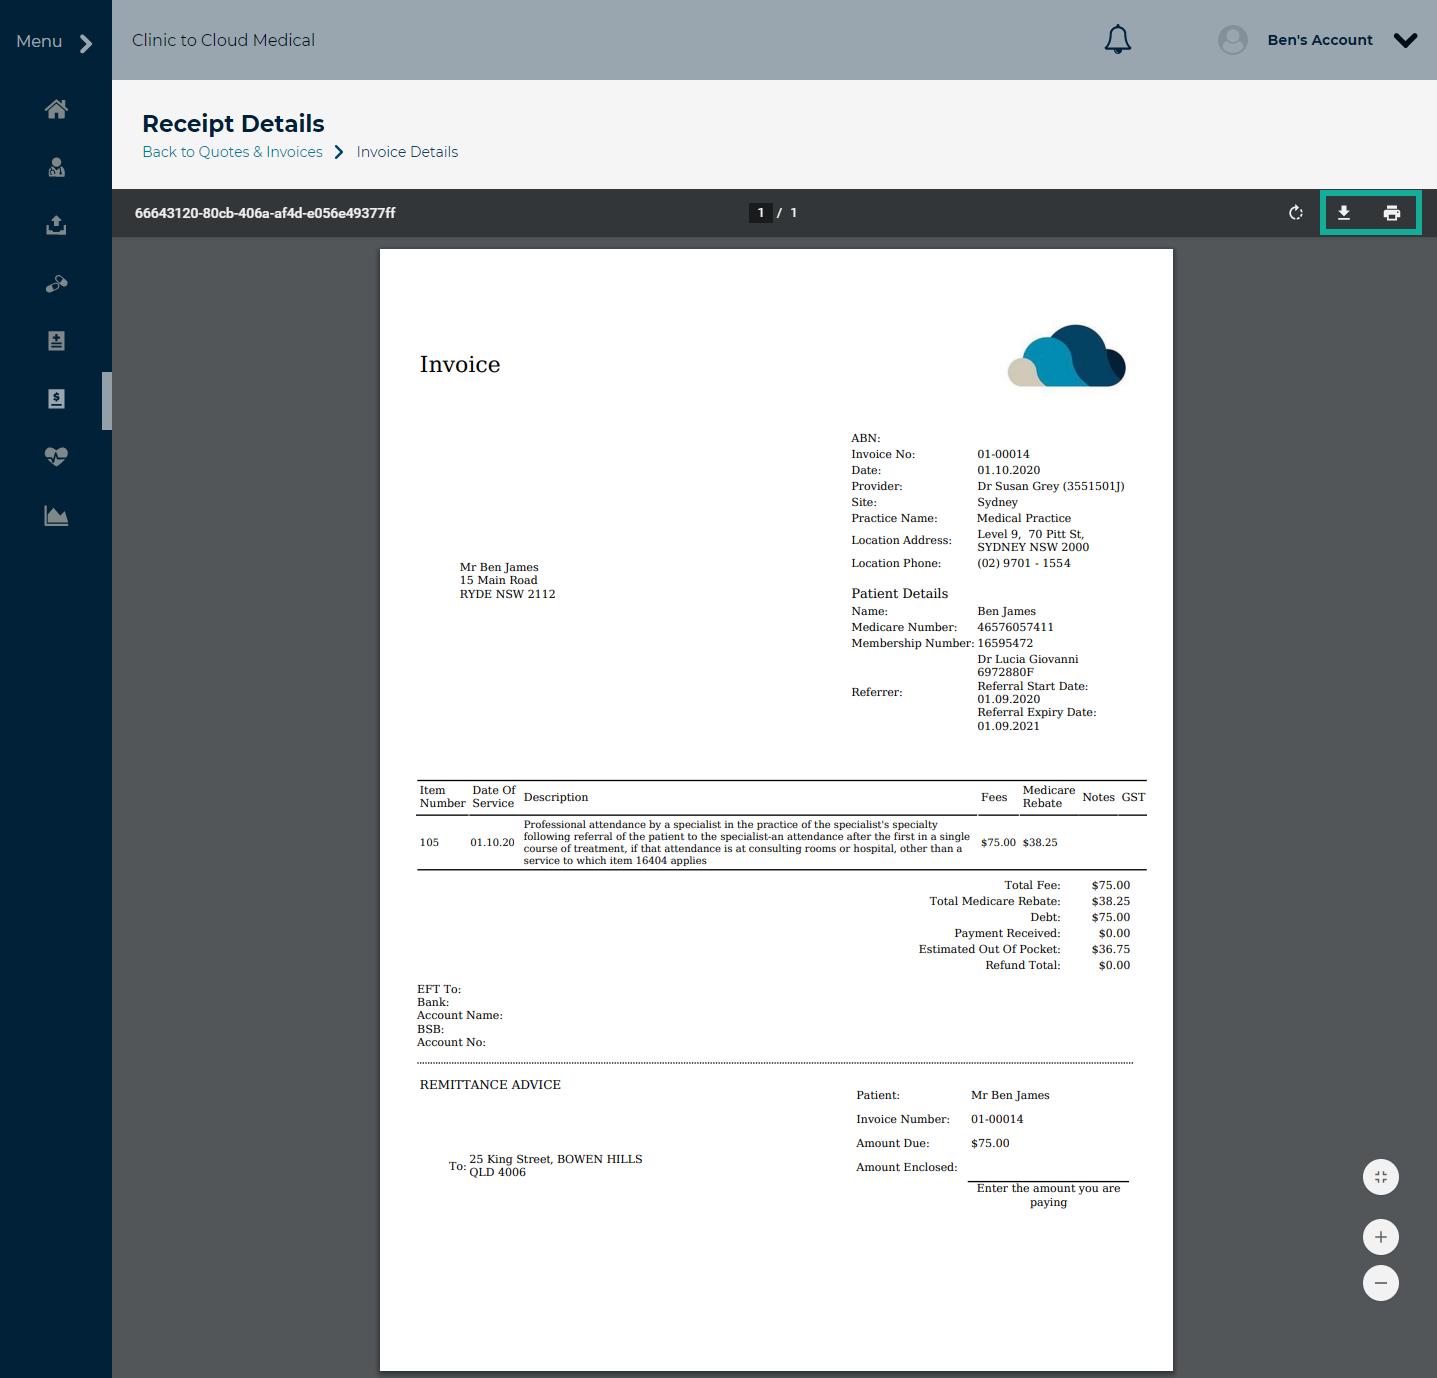 7. full invoice details